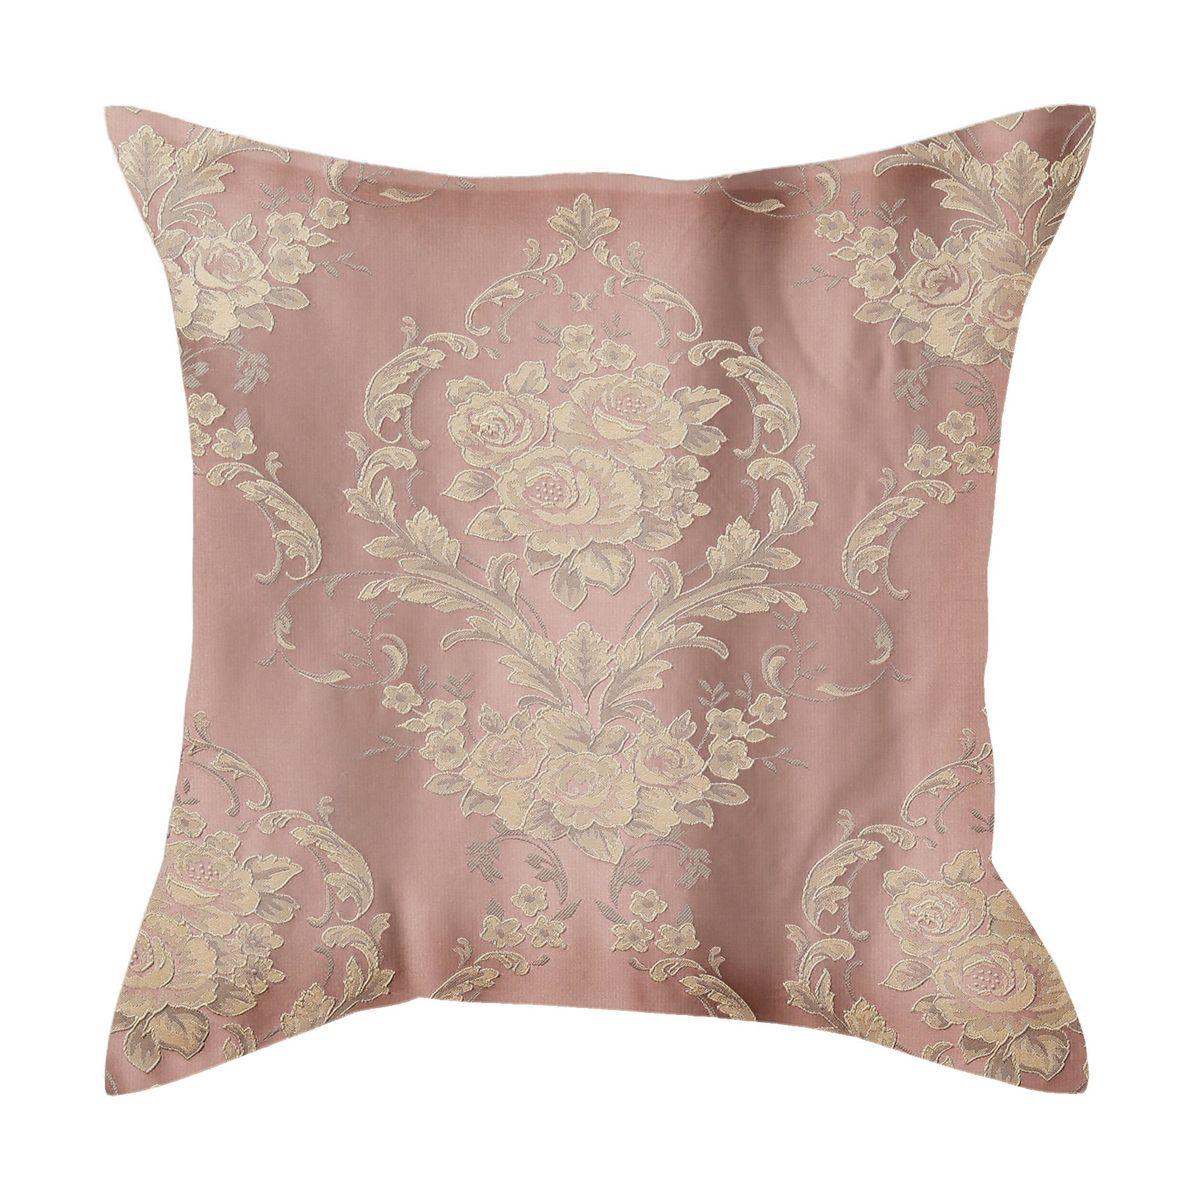 Наволочка декоративная Garden, цвет: розовый, 40 х 40 см. N 537205 V4ES-412Декоративная наволочка Garden выполнена из жаккарда (100 % полиэстер). Благодаря нежной расцветке и качественному исполнению декоративная наволочка станет отличным дизайнерским решением для интерьера. Размер: 40 х 40 см.